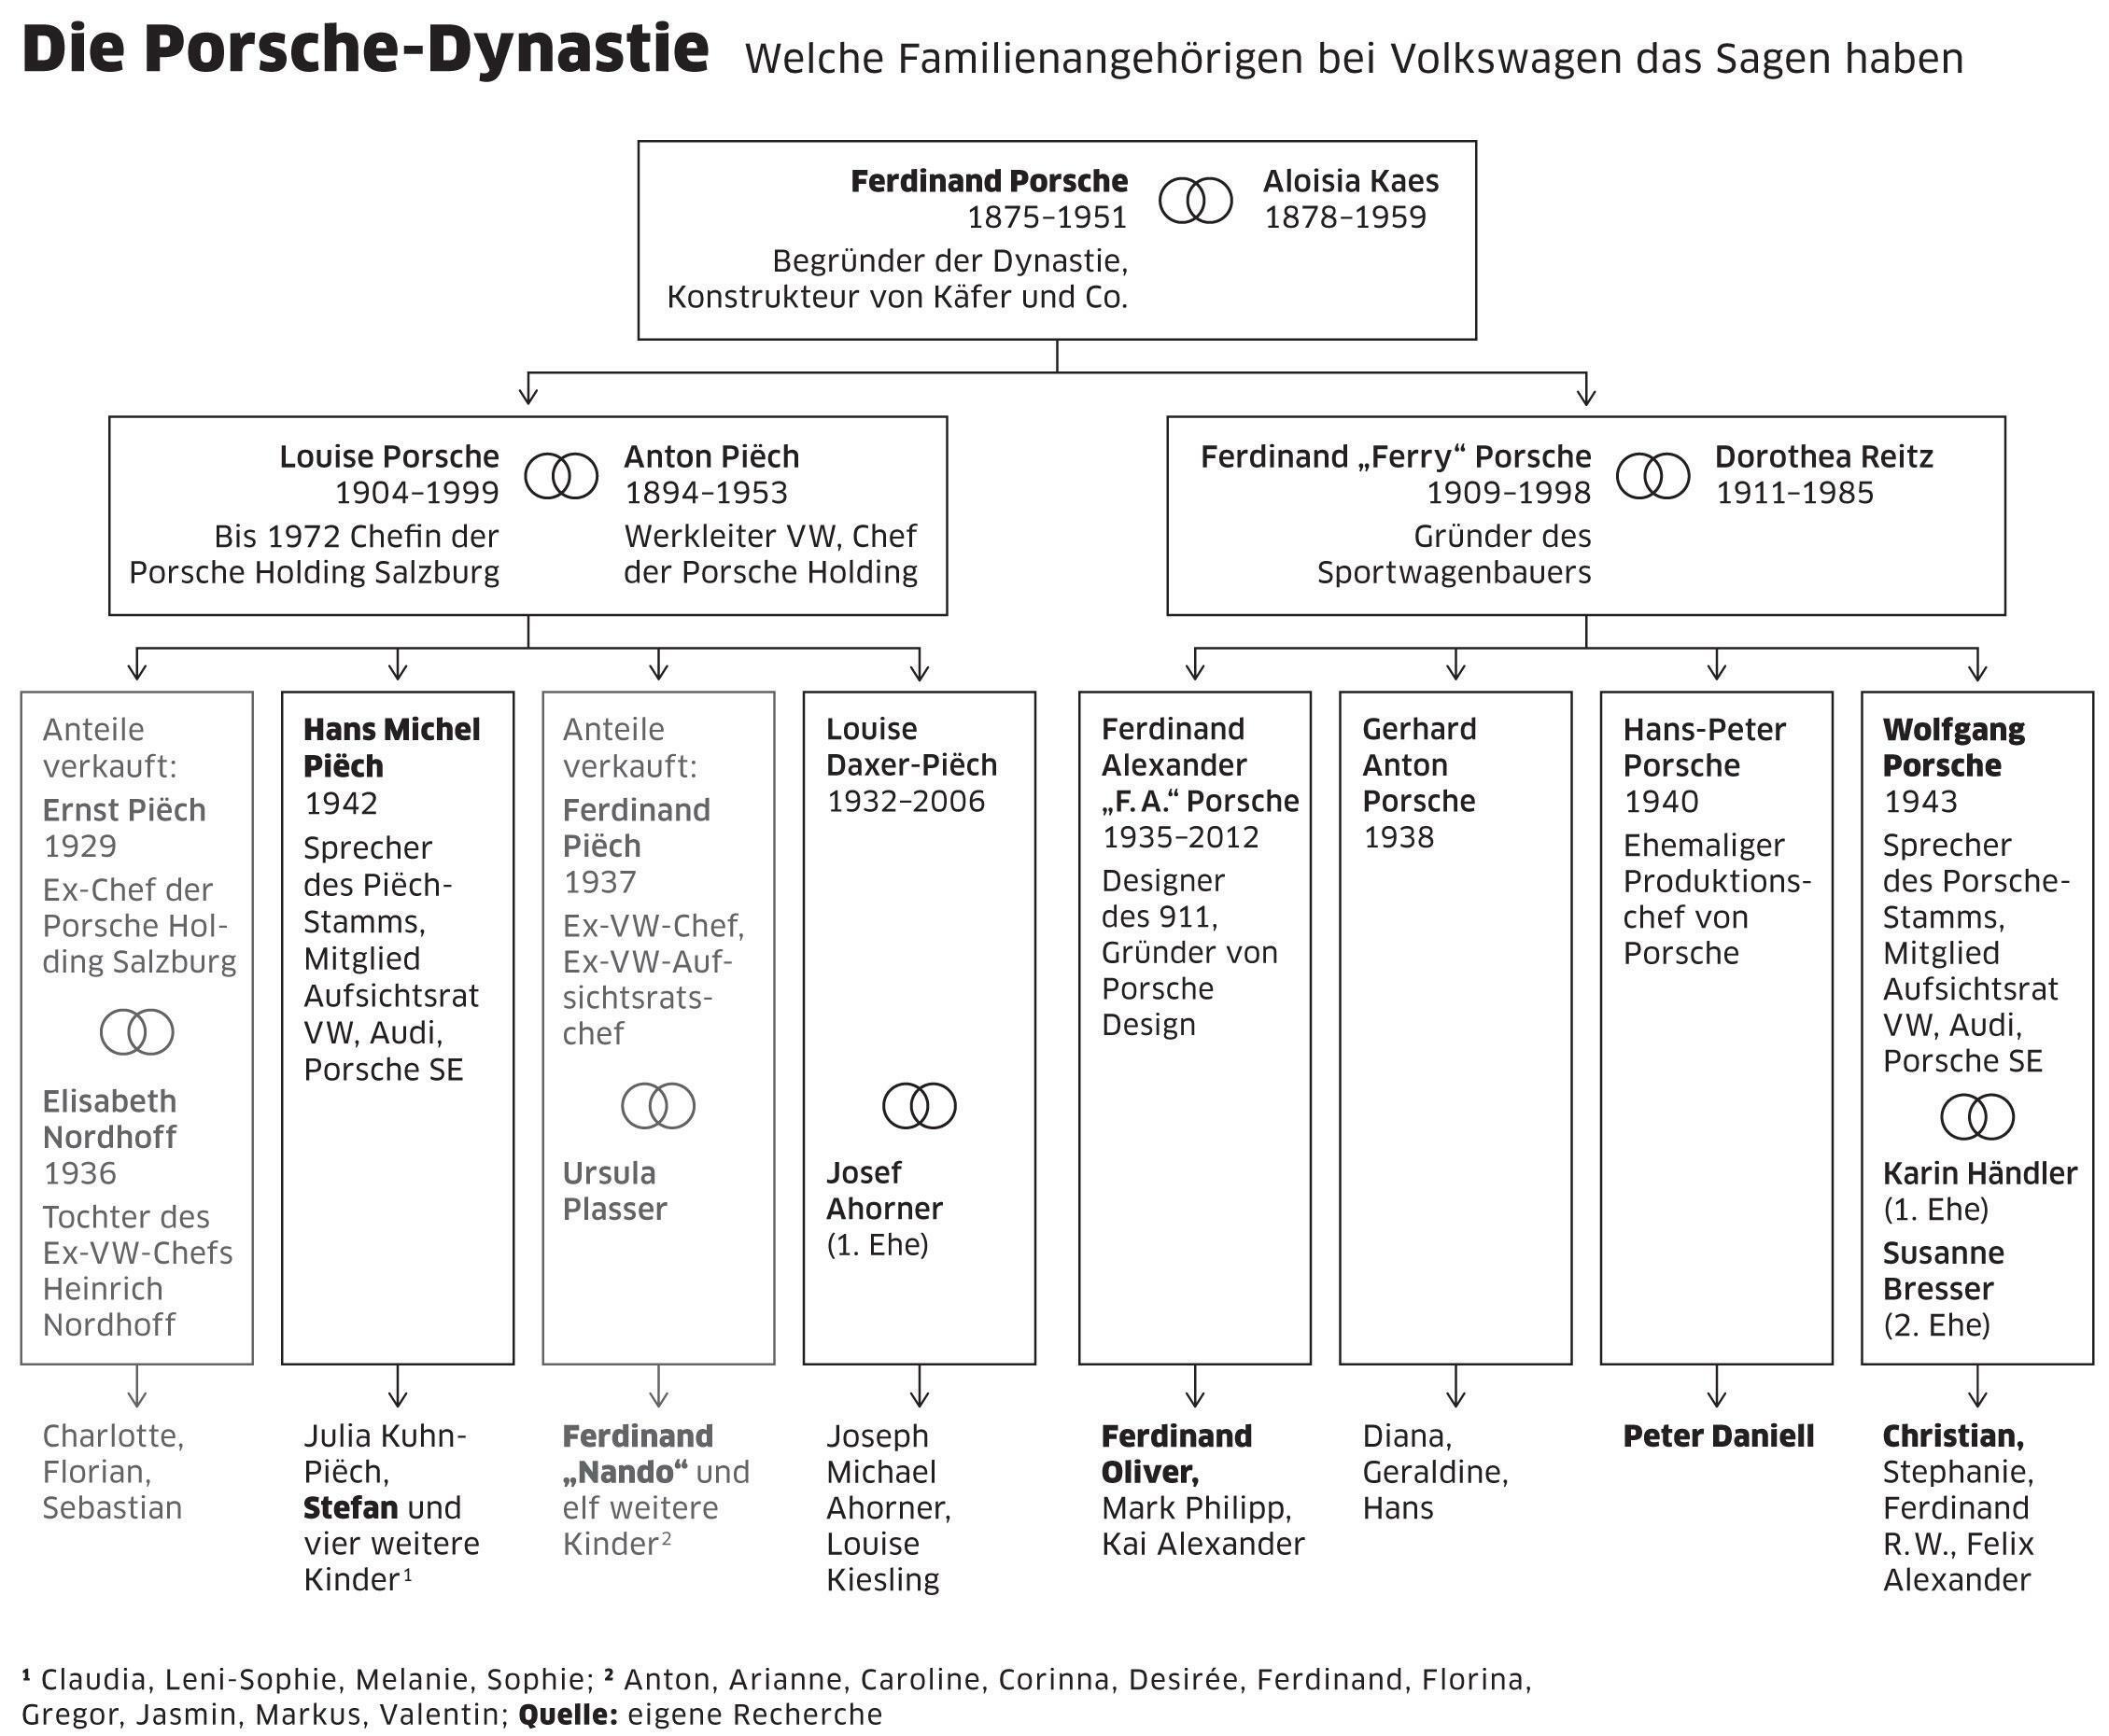 Grafik: Welche Familienangehörigen bei Volkswagen das Sagen haben